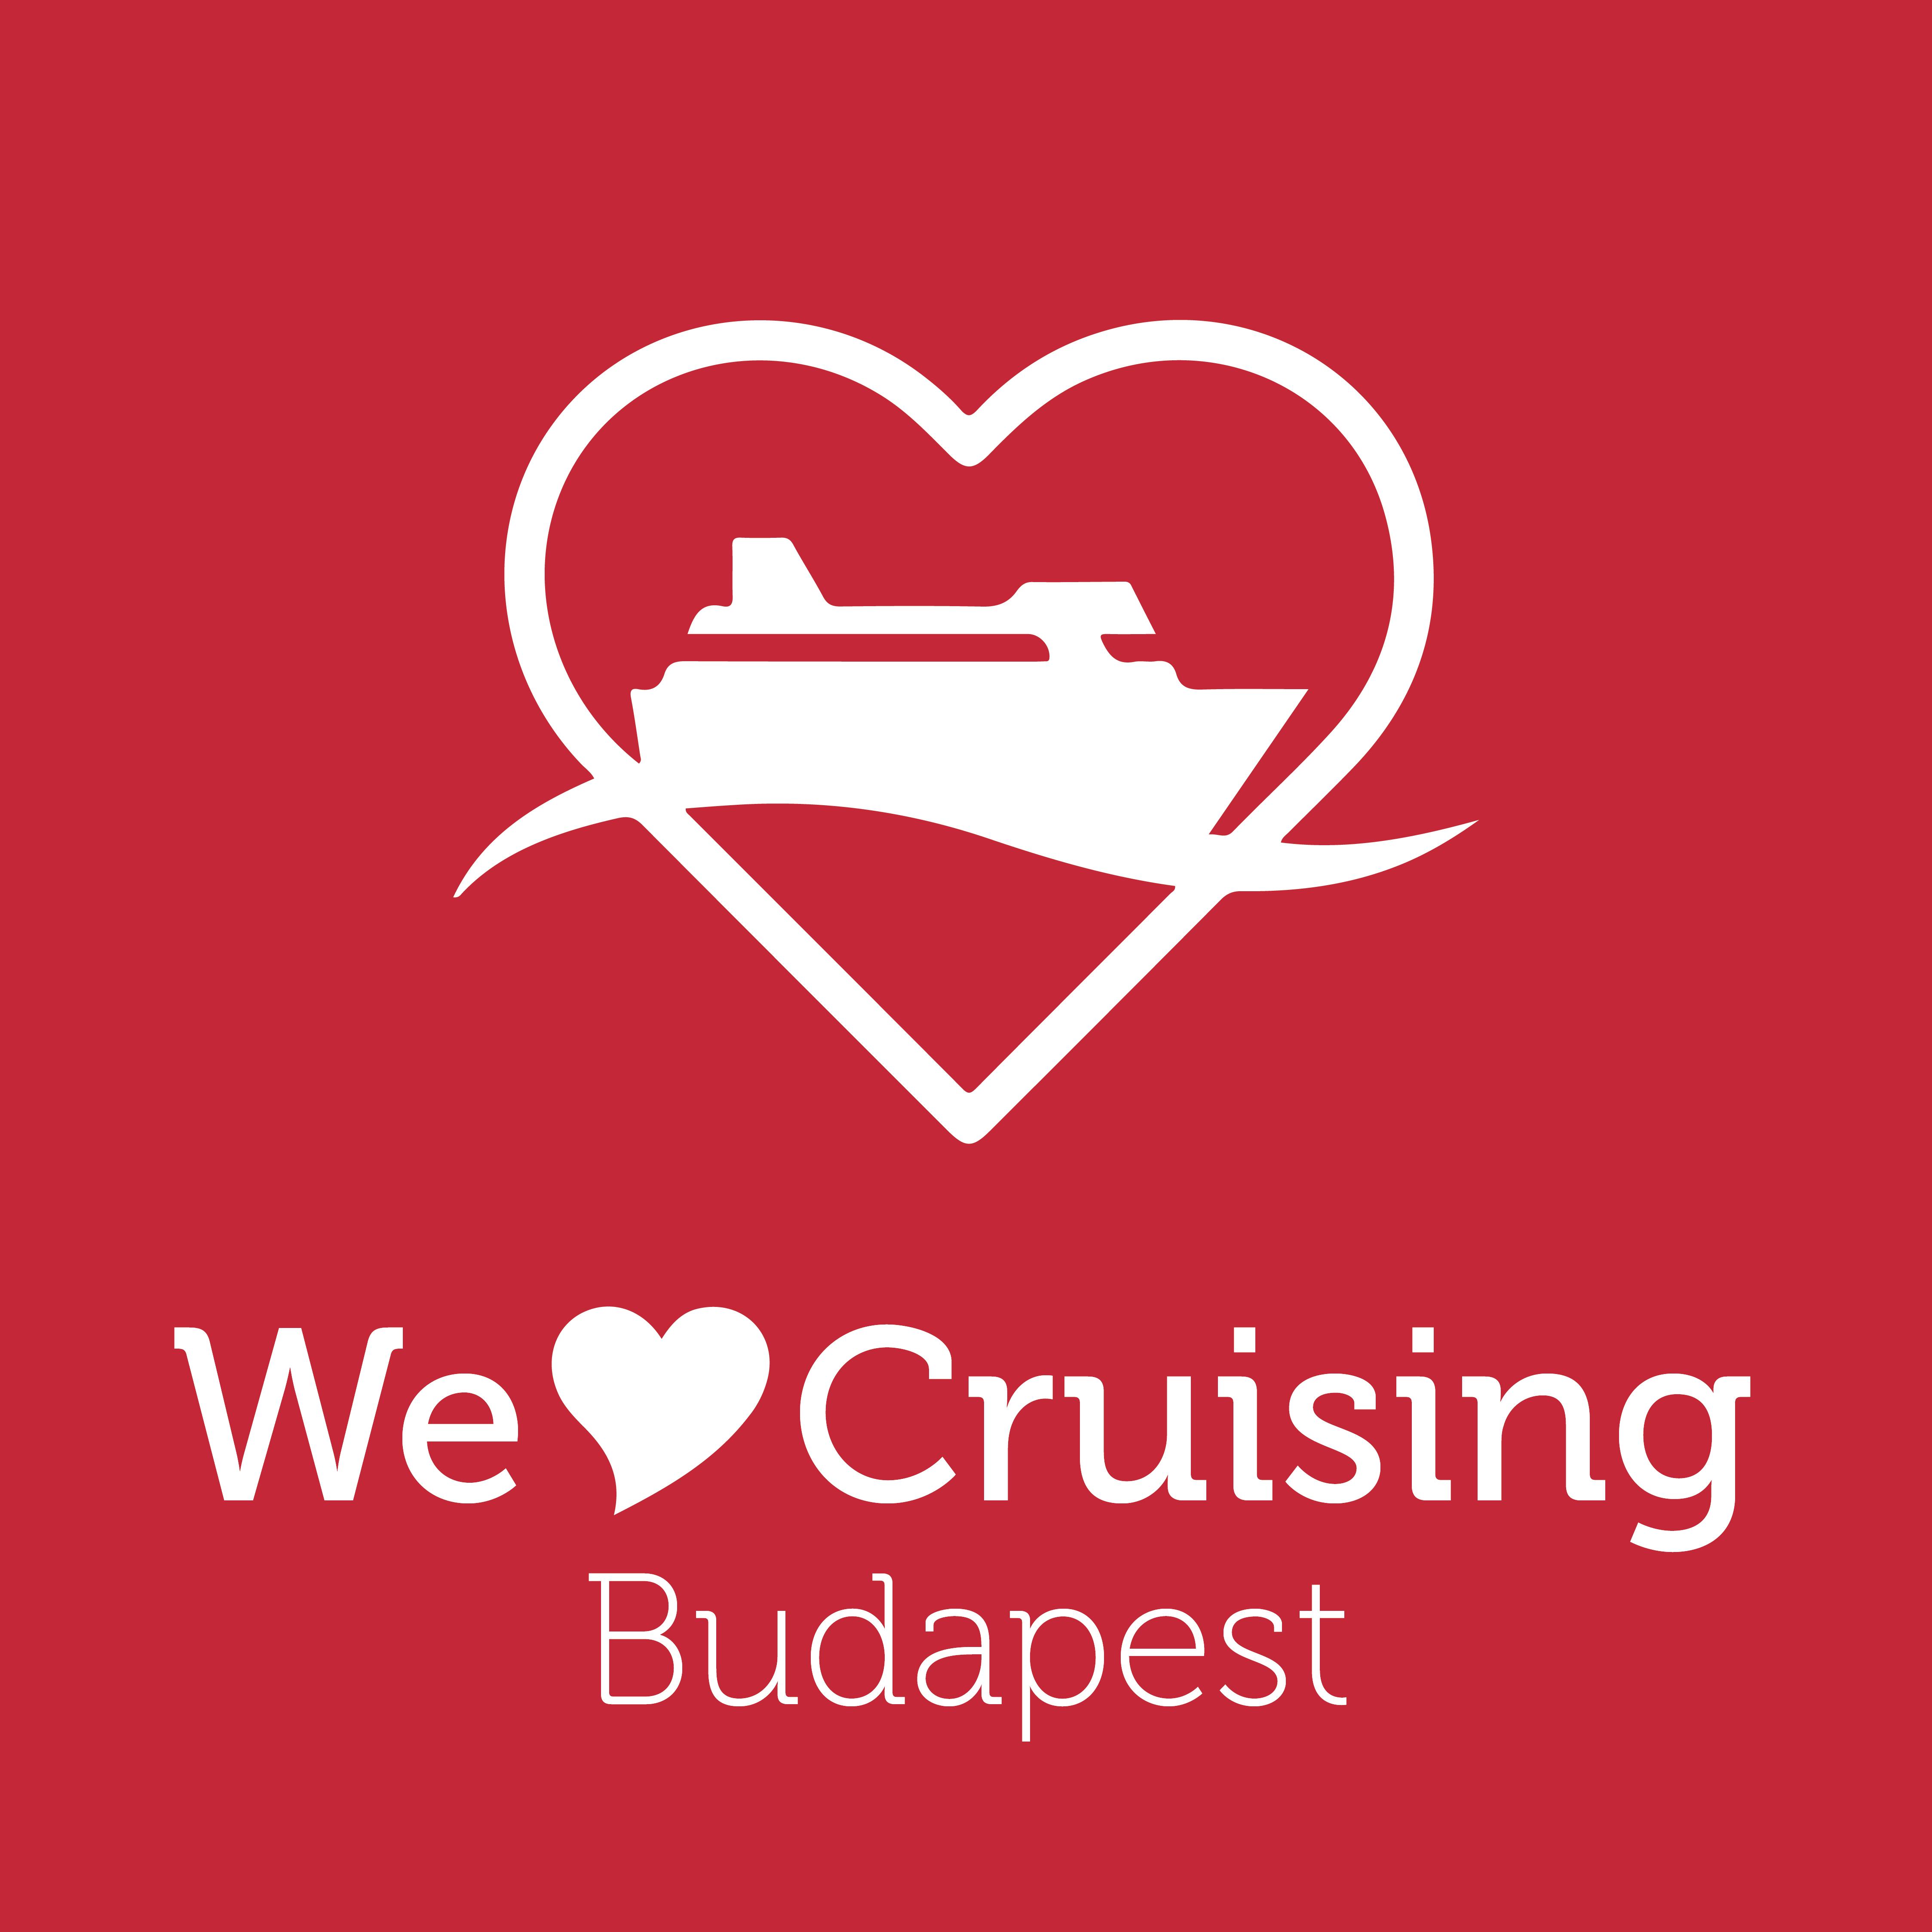 we love cruising